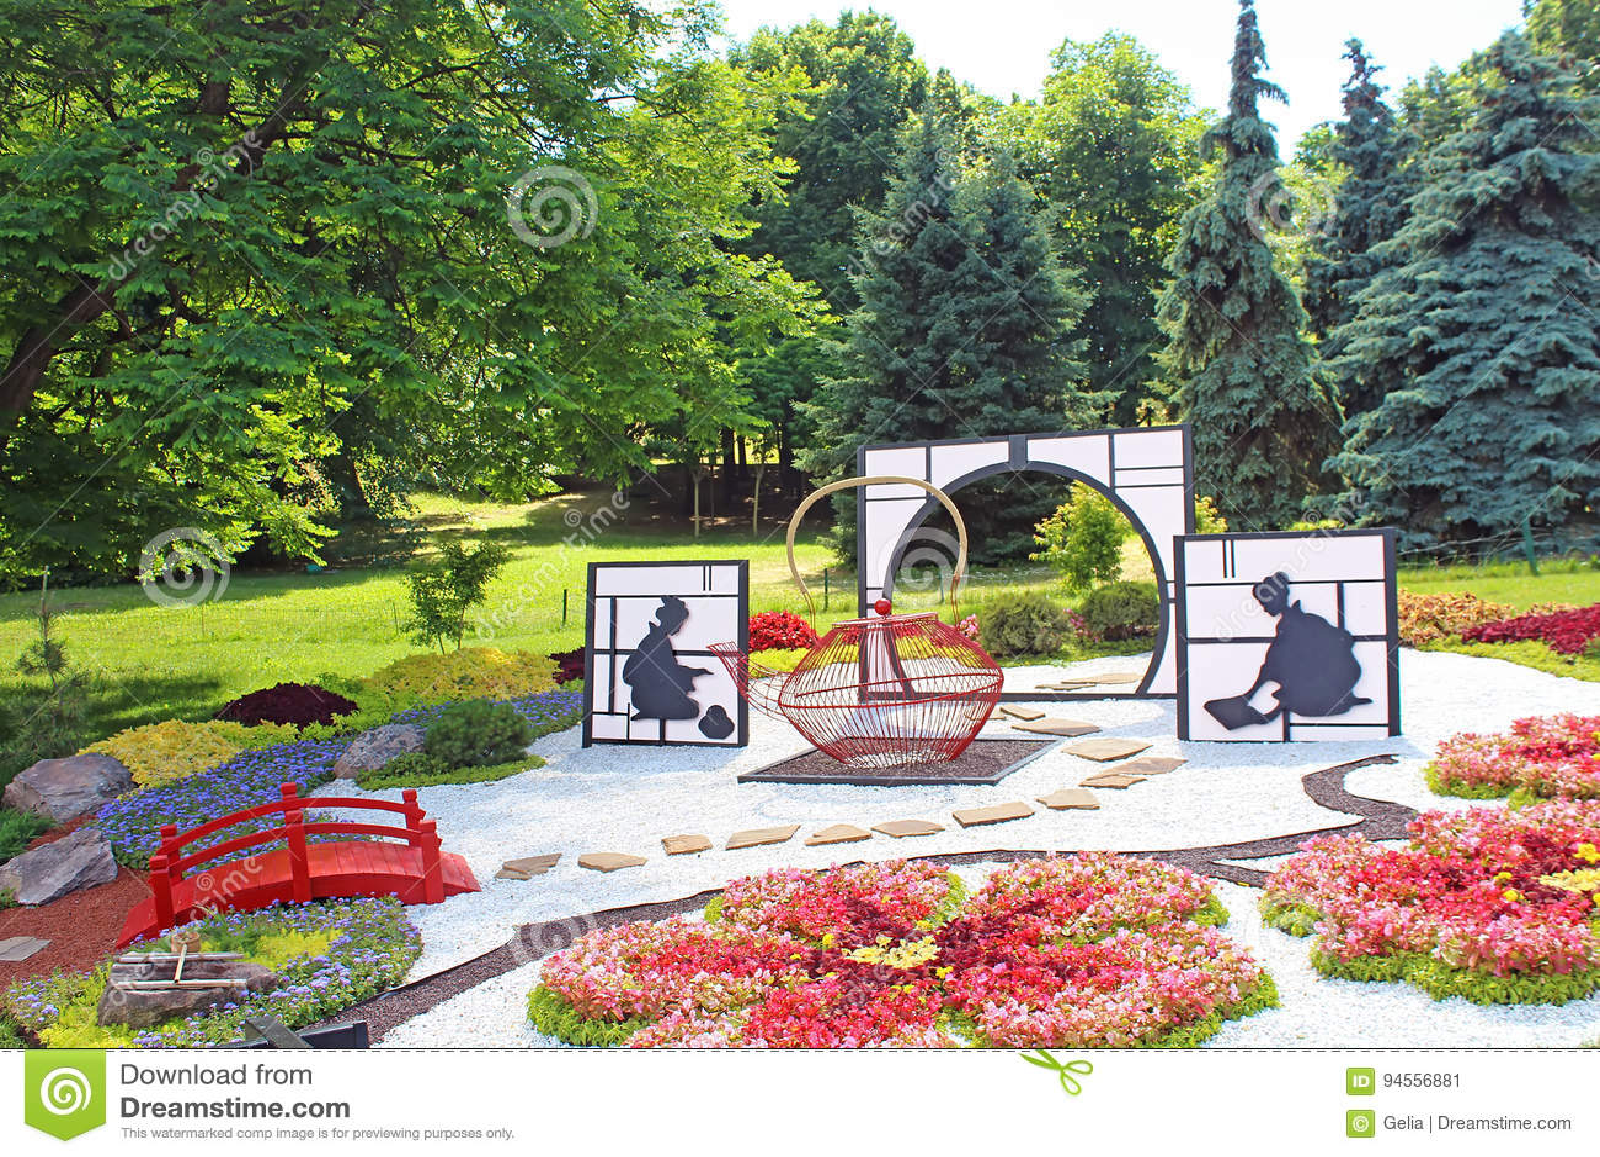 Flower exhibition `Japan through the eyes of Ukraine` at Spivoche Pole in Kyiv, Ukraine